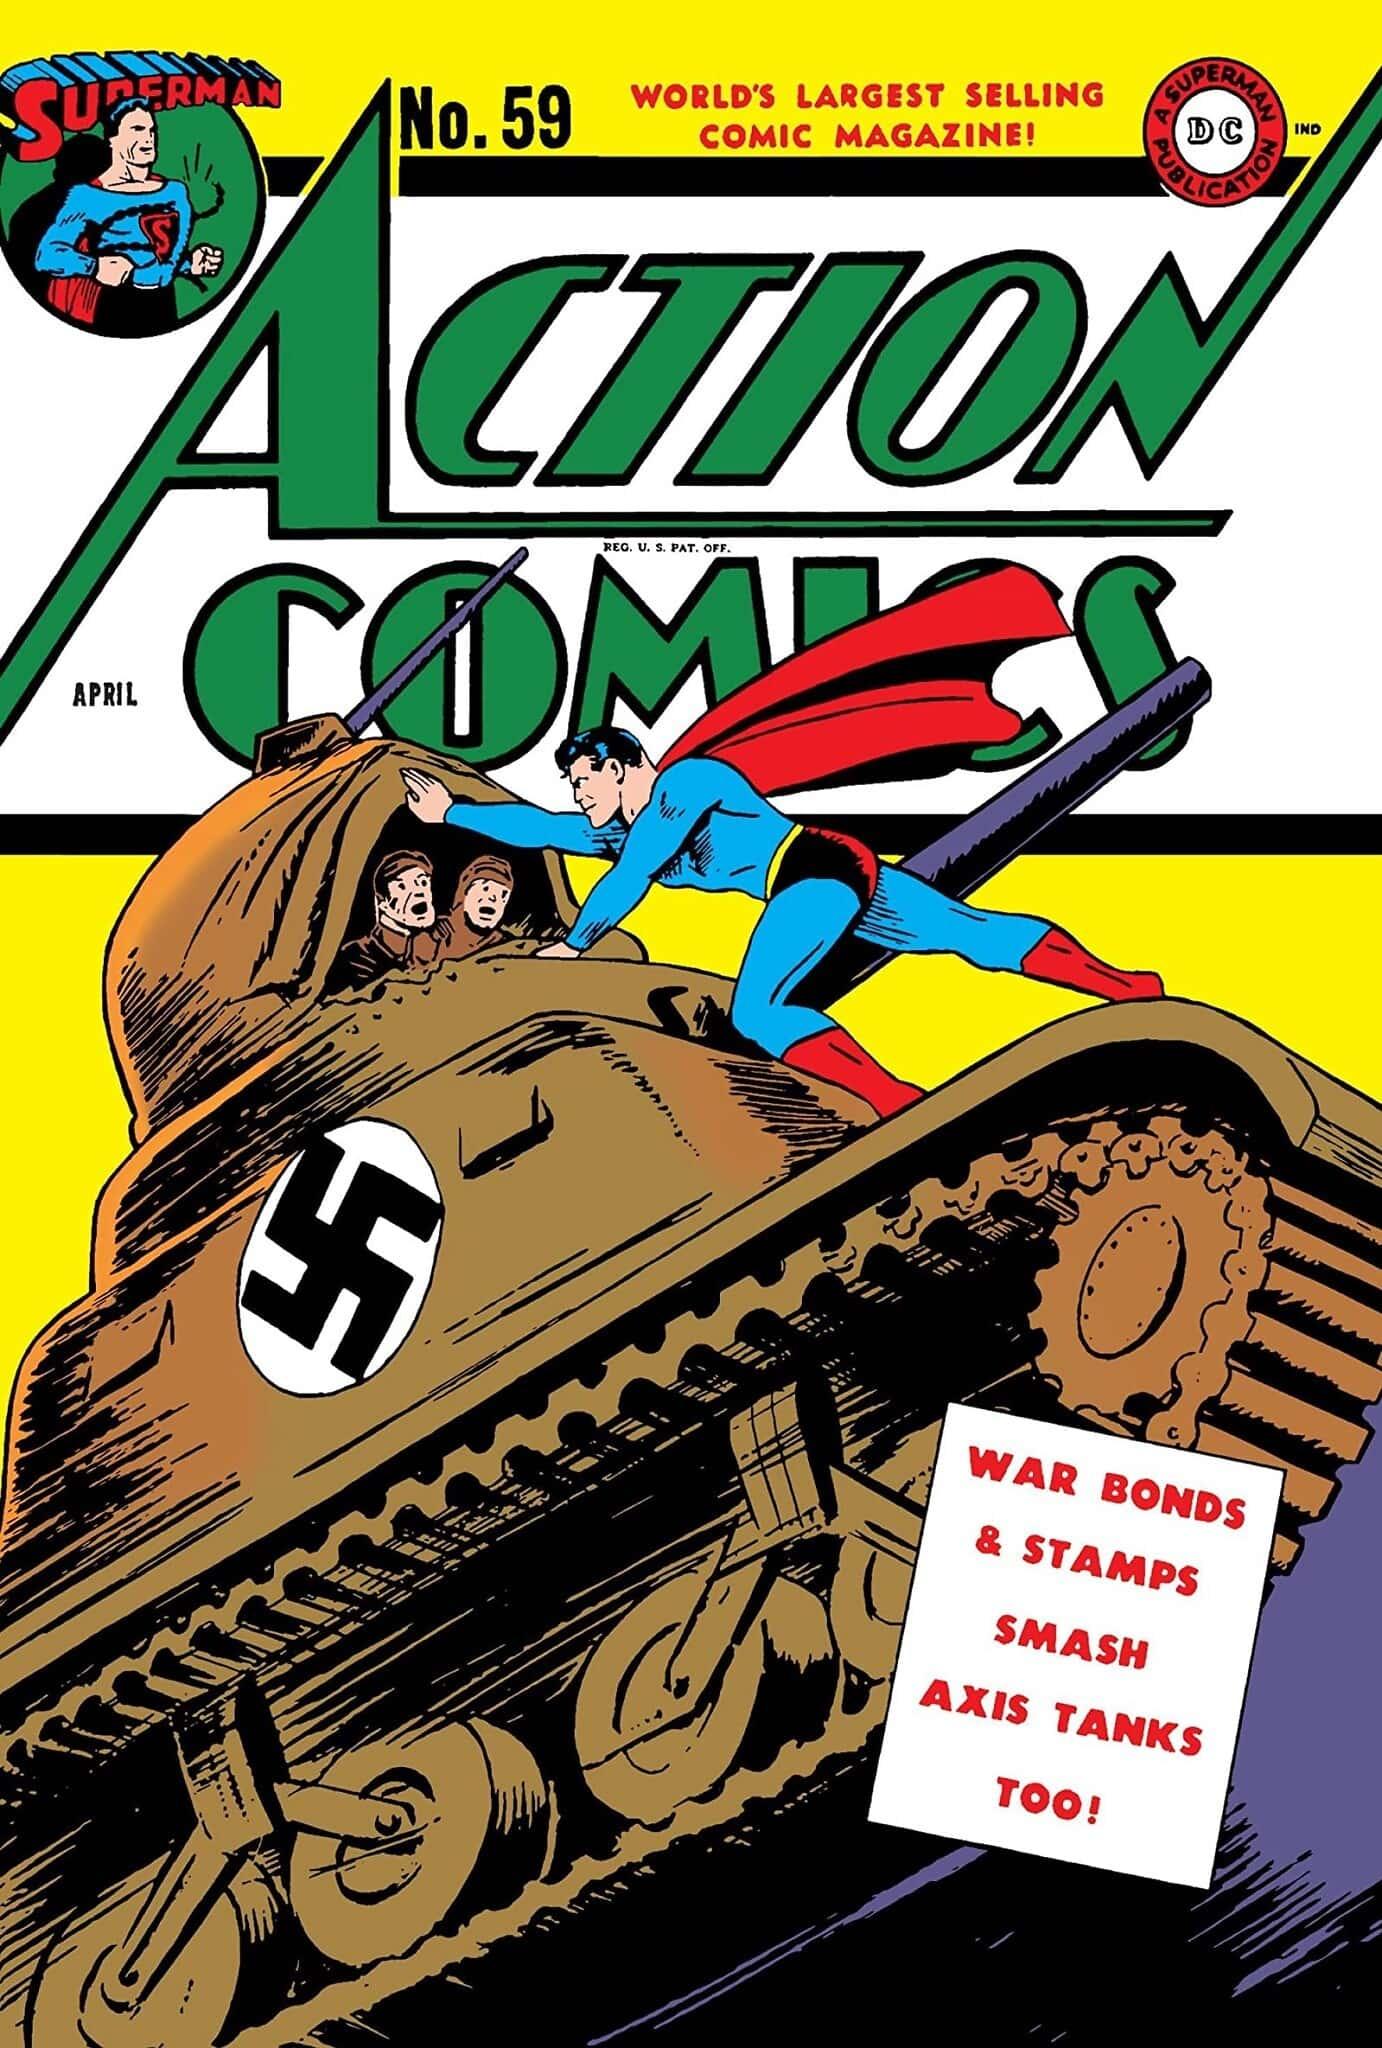 סופרמן מפרק במו ידיו טנק נאצי על הכריכה של גיליון אפריל מ-1947 (צילום: באדיבות רוי שוורץ)